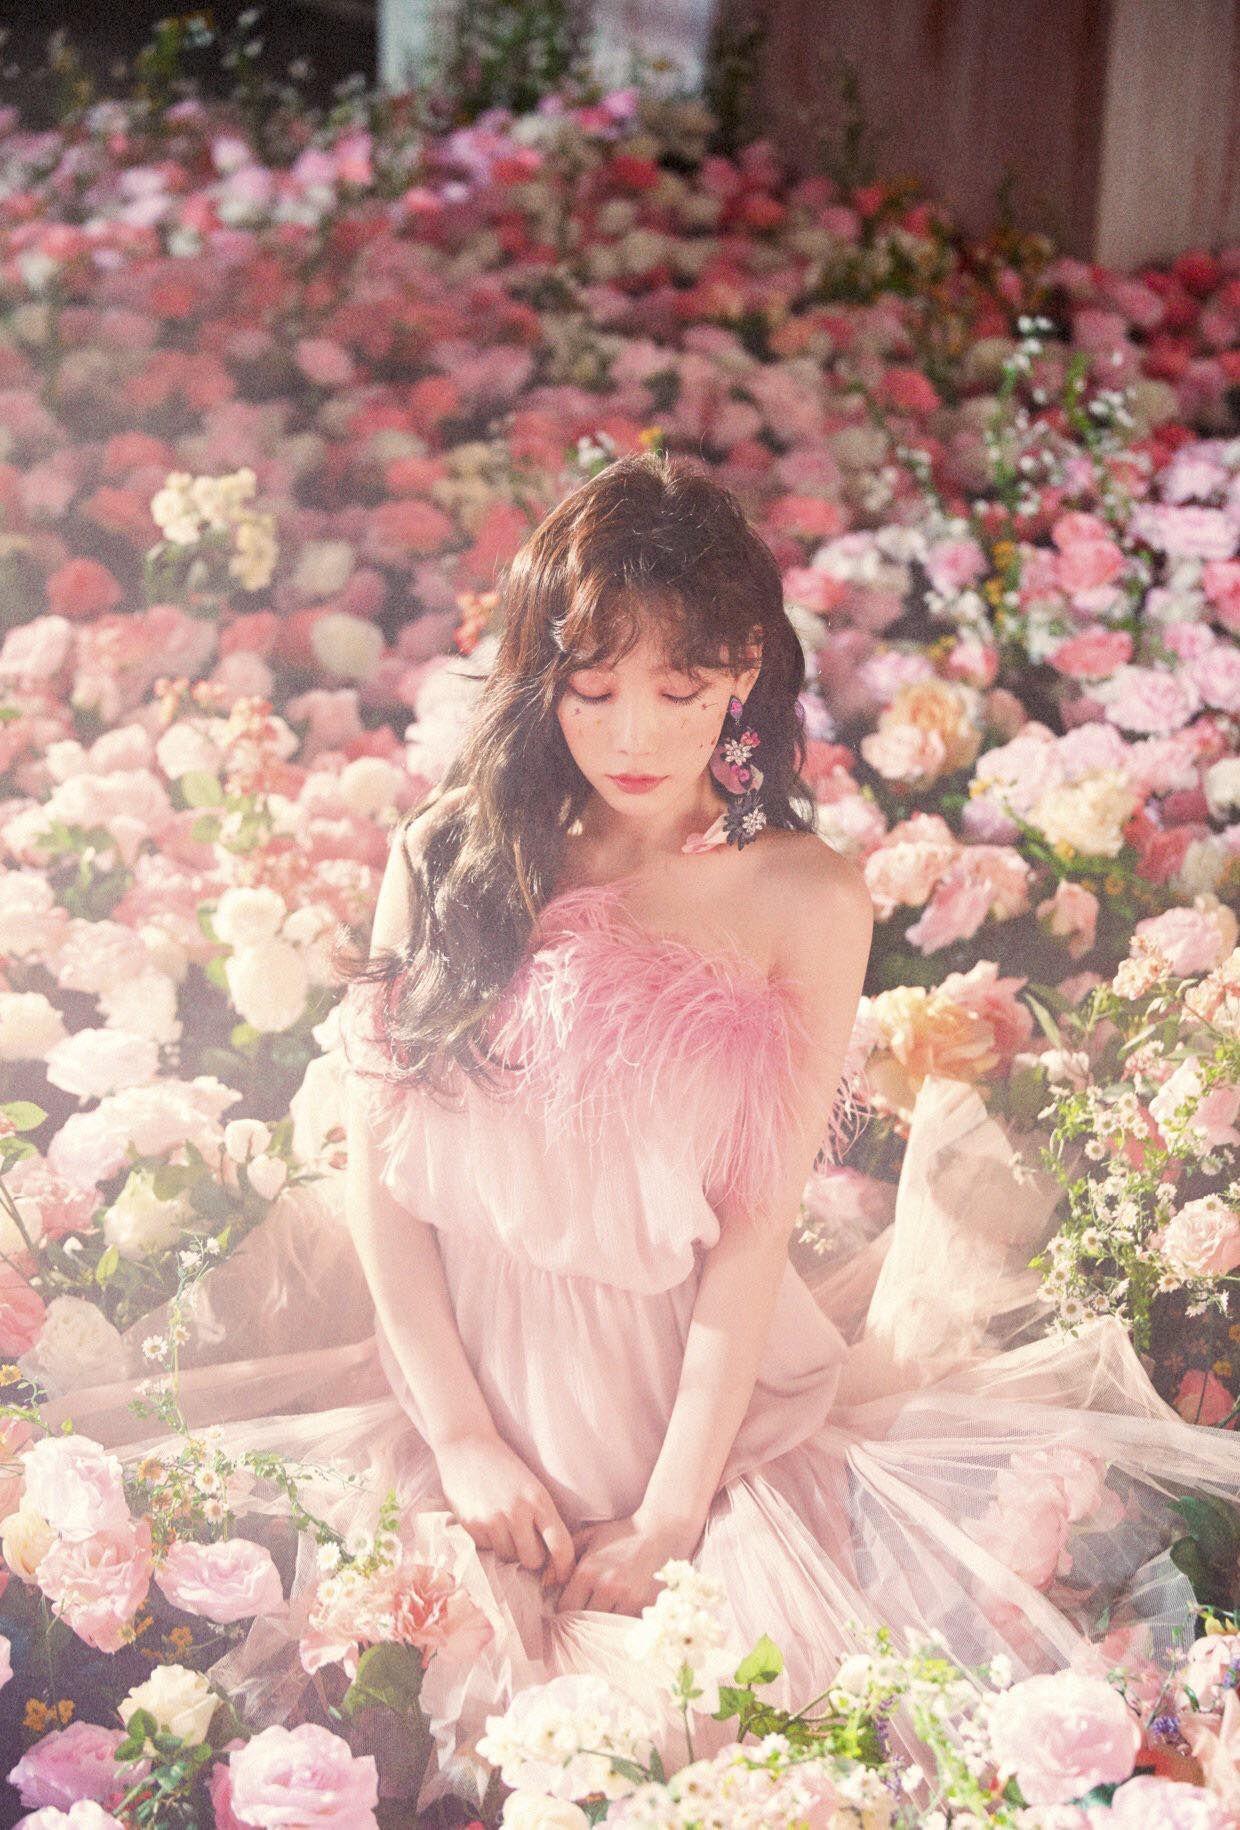 Ca sĩ Taeyeon mặc đầm hồng ngồi giữa vườn hoa trong MV Make Me Love You